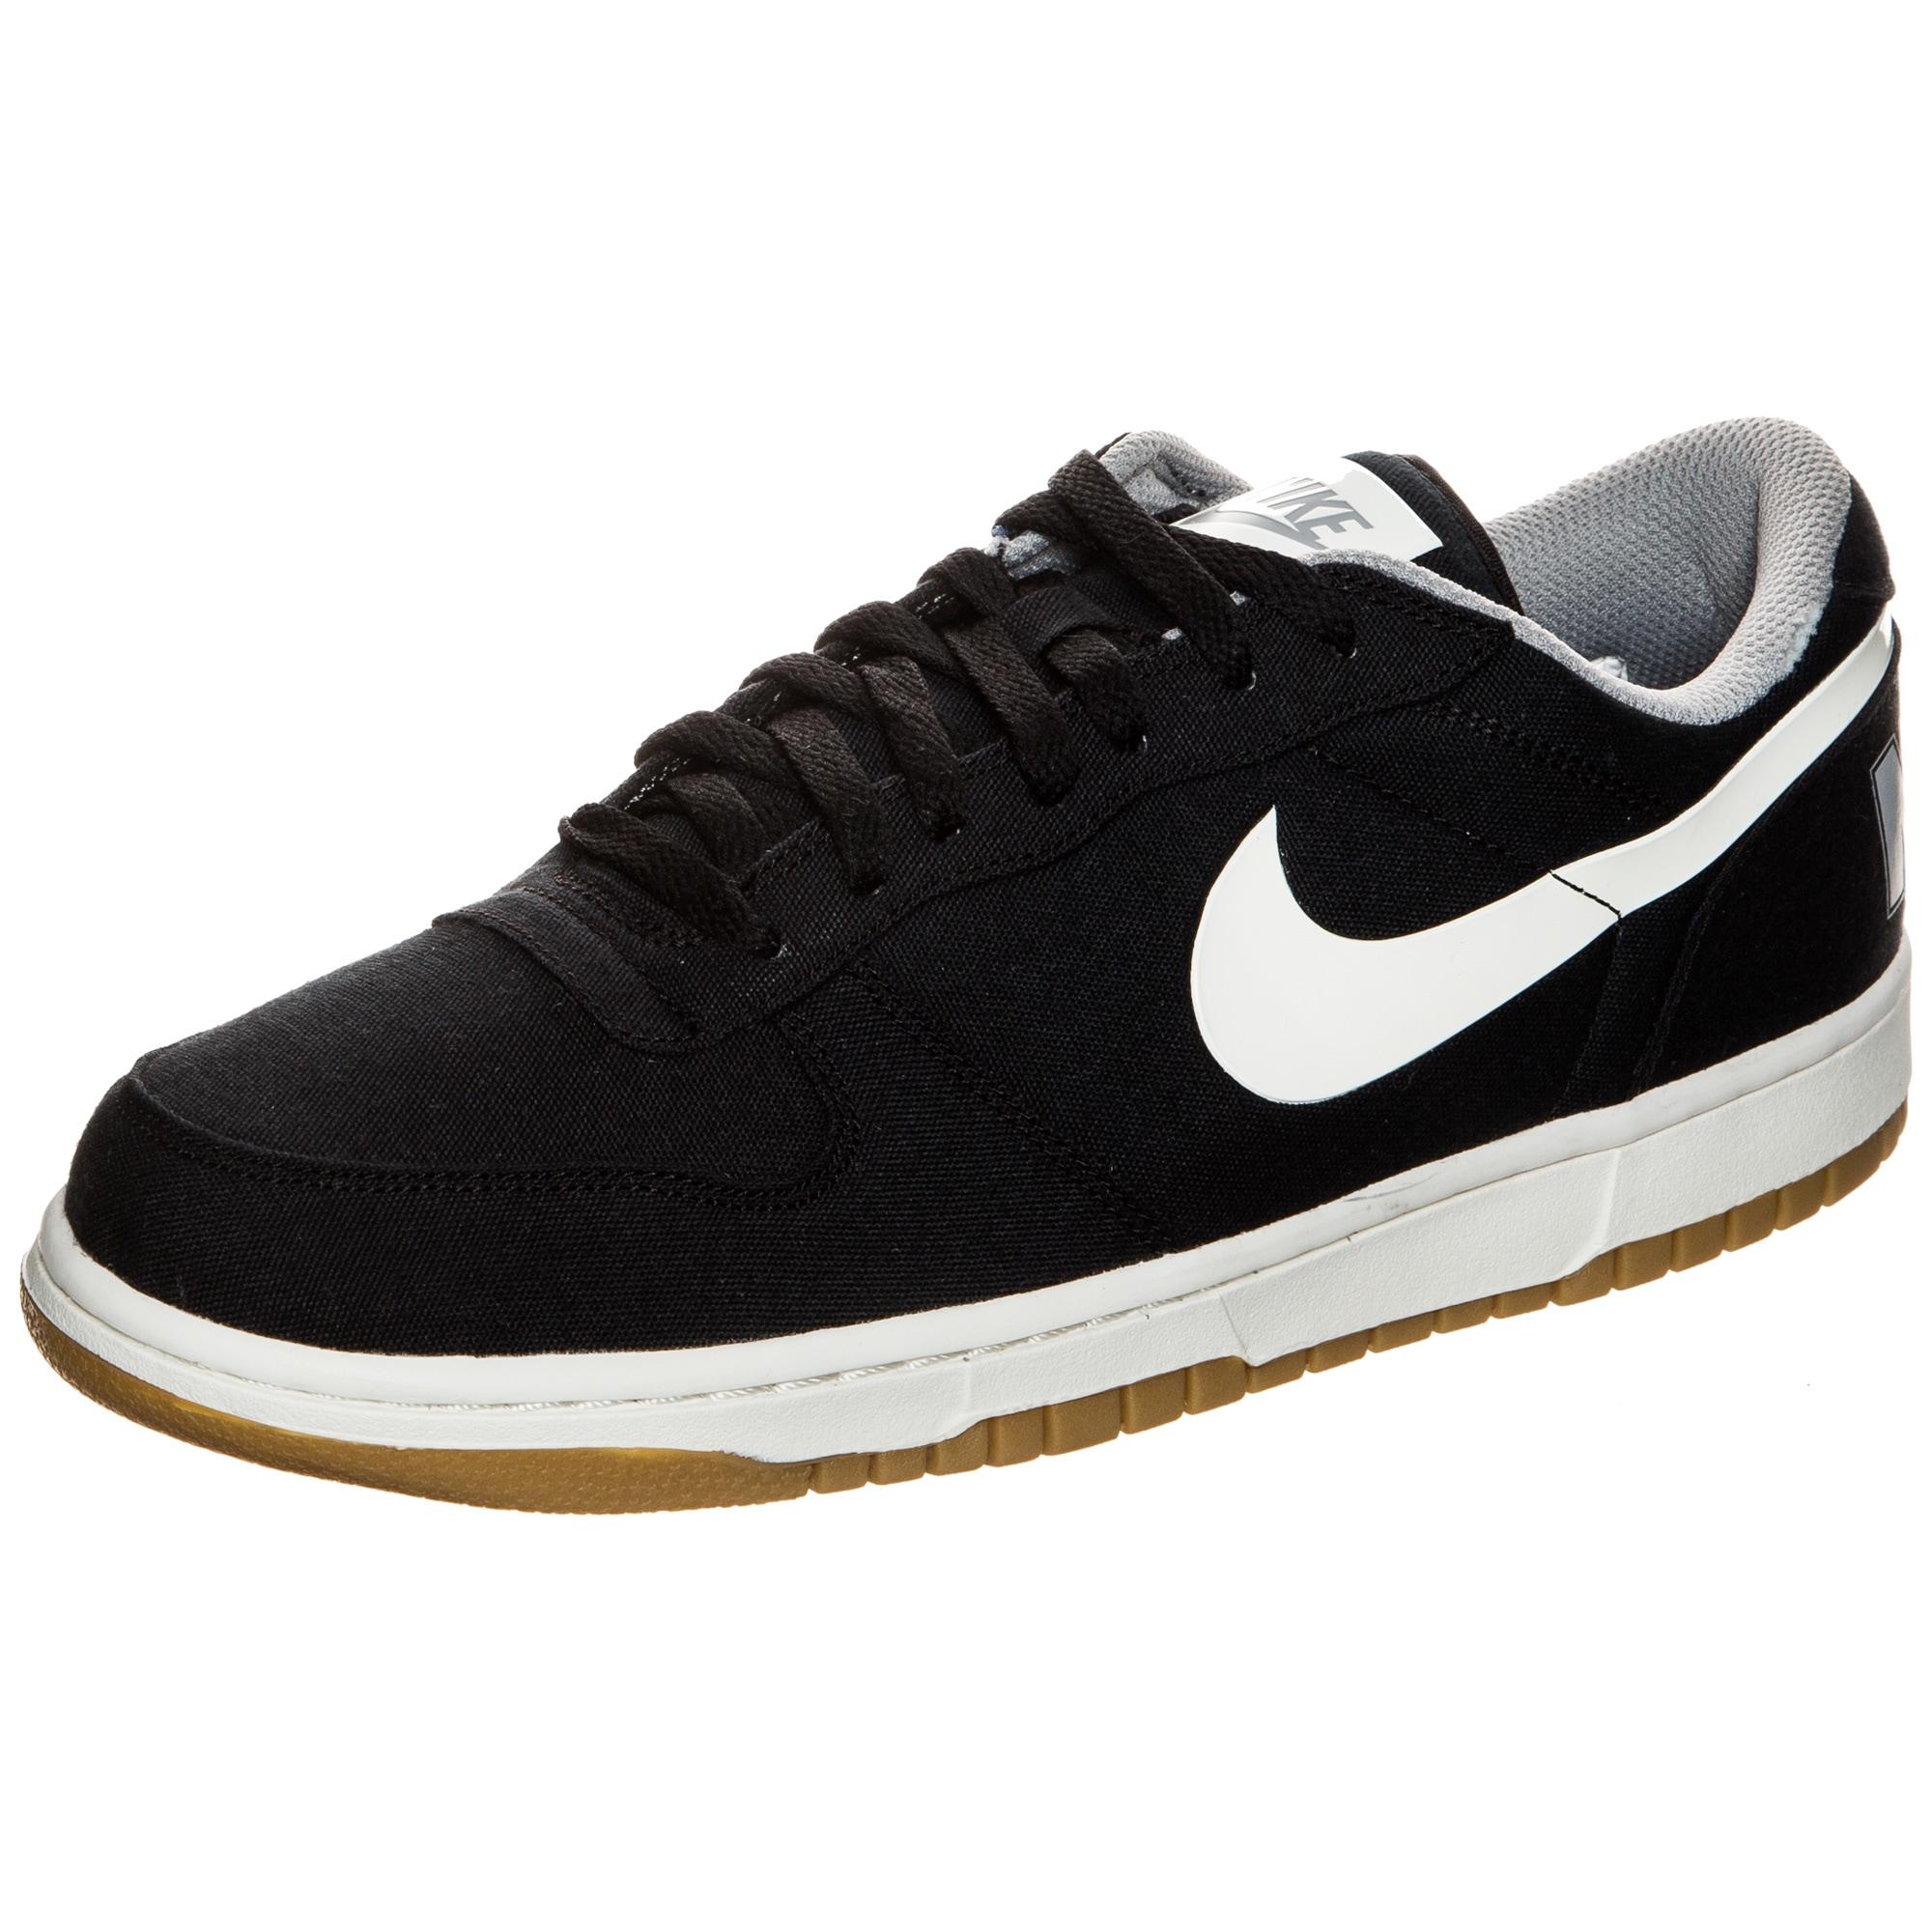 Nike Sportswear Big Niedrig Lux Sneaker Herren für Männer | | Männer Gutes Preis-Leistungs-Verhältnis, es lohnt sich 6930b7